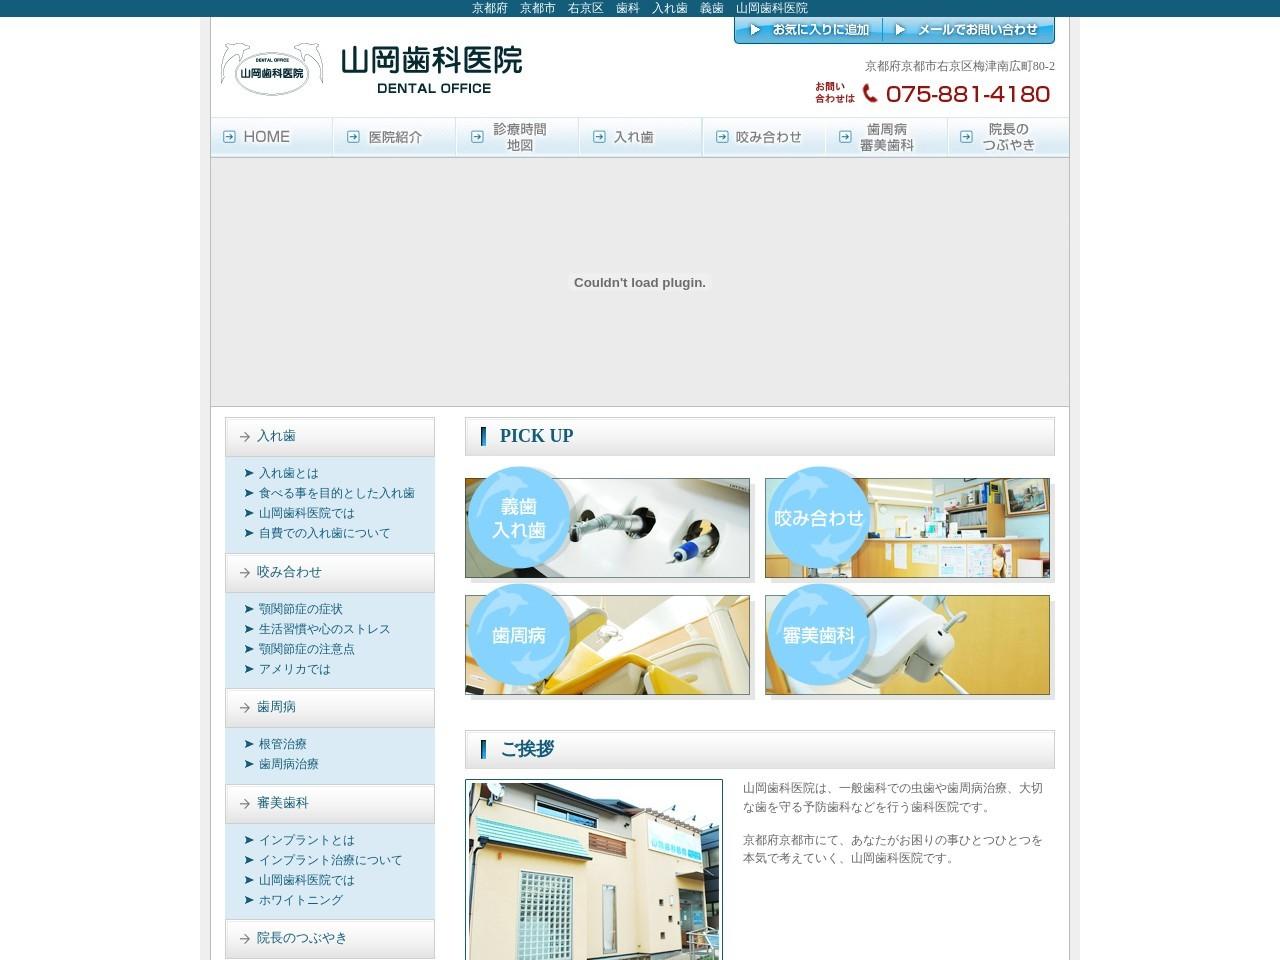 山岡歯科医院 (京都府京都市右京区)